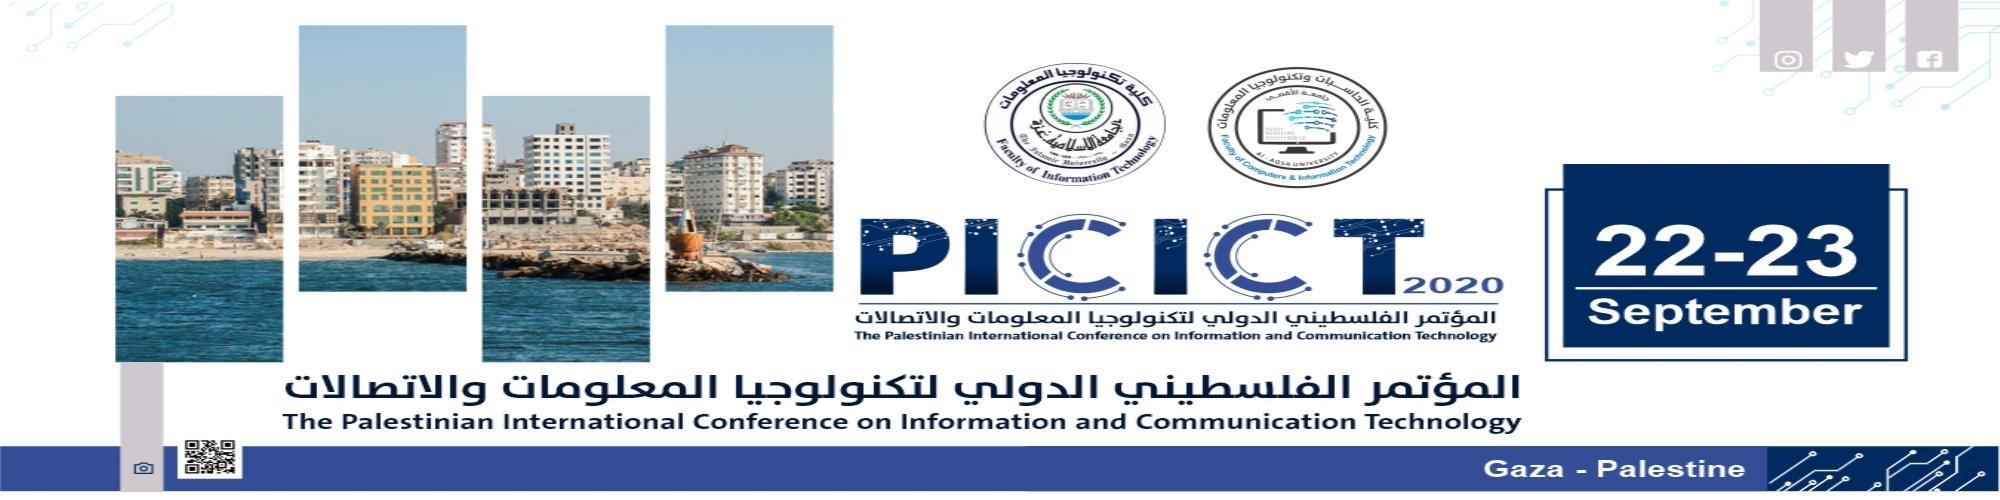 المؤتمر الفلسطيني الدولي لتكنولوجيا المعلومات والاتصالات